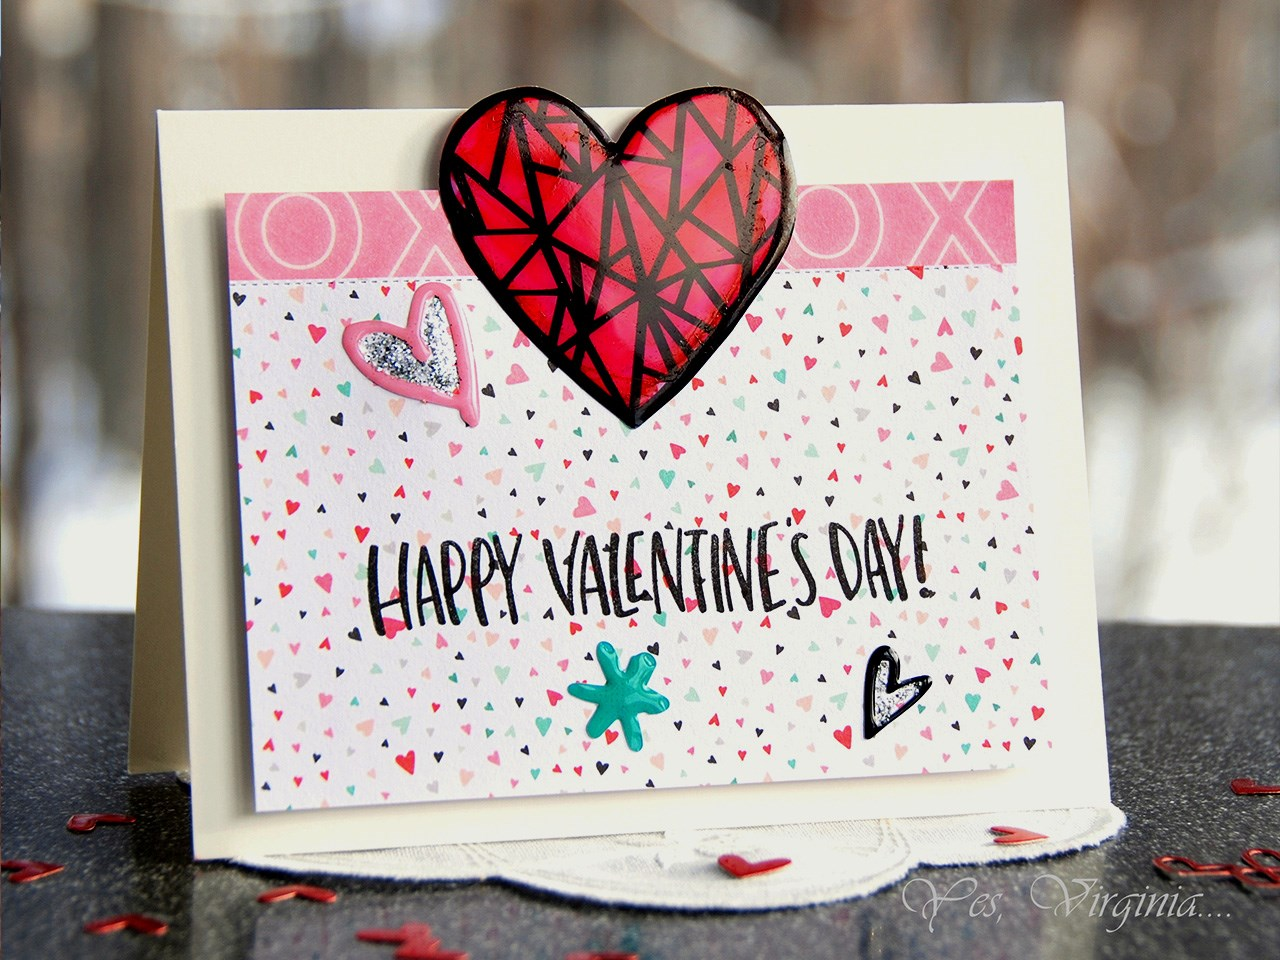 valentine's day_1518631574264.jpeg.jpg